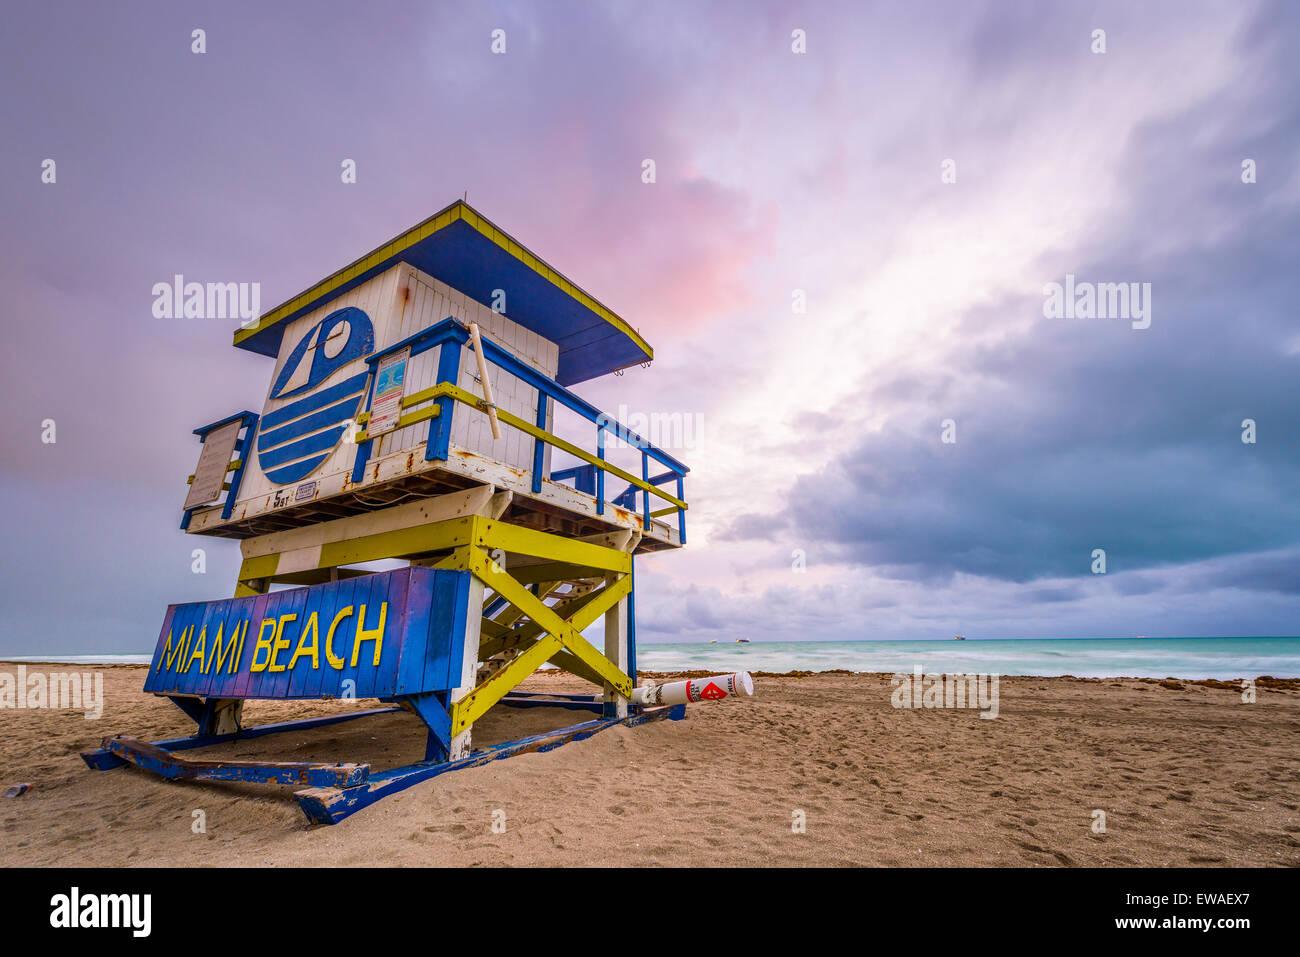 Miami Beach, Florida, EE.UU. la vida de la torre de guardia. Imagen De Stock